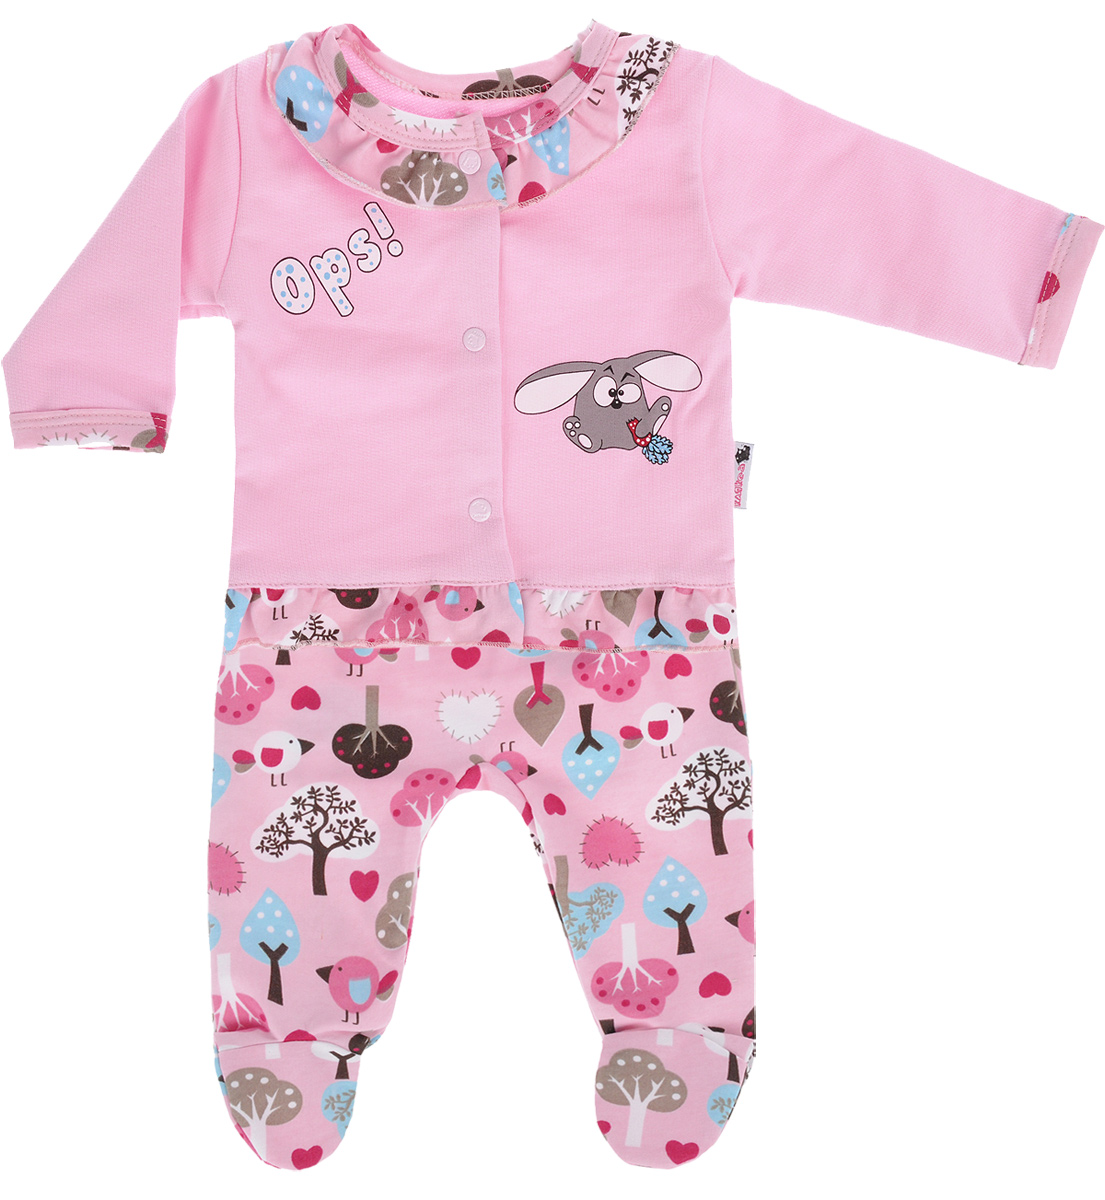 Комплект для девочки Клякса: кофточка, ползунки, цвет: розовый. 21Д-5062. Размер 5621Д-5062Детский комплект Клякса состоит из кофточки и ползунков. Комплект выполнен из натурального хлопка. Кофта с длинным рукавом застегивается на кнопки спереди. Модель украшена оборками под горловиной и по низу, а также декорирована принтом с изображением забавного кролика. Ползунки с закрытыми ножками имеют эластичную резинку на поясе. Изделие оформлено ярким принтом.